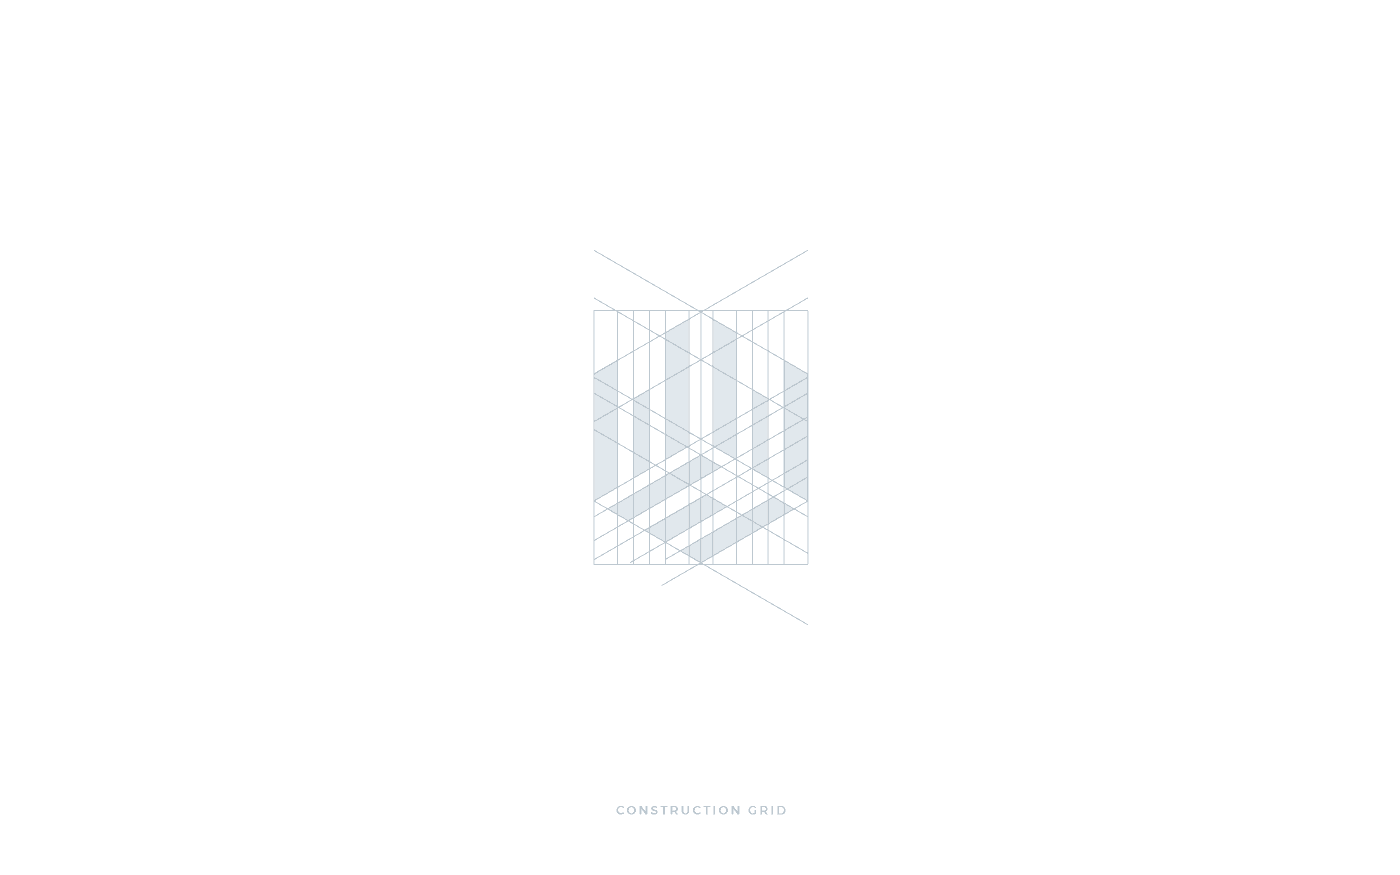 Edilia Design griglia costruzione pittogramma logo